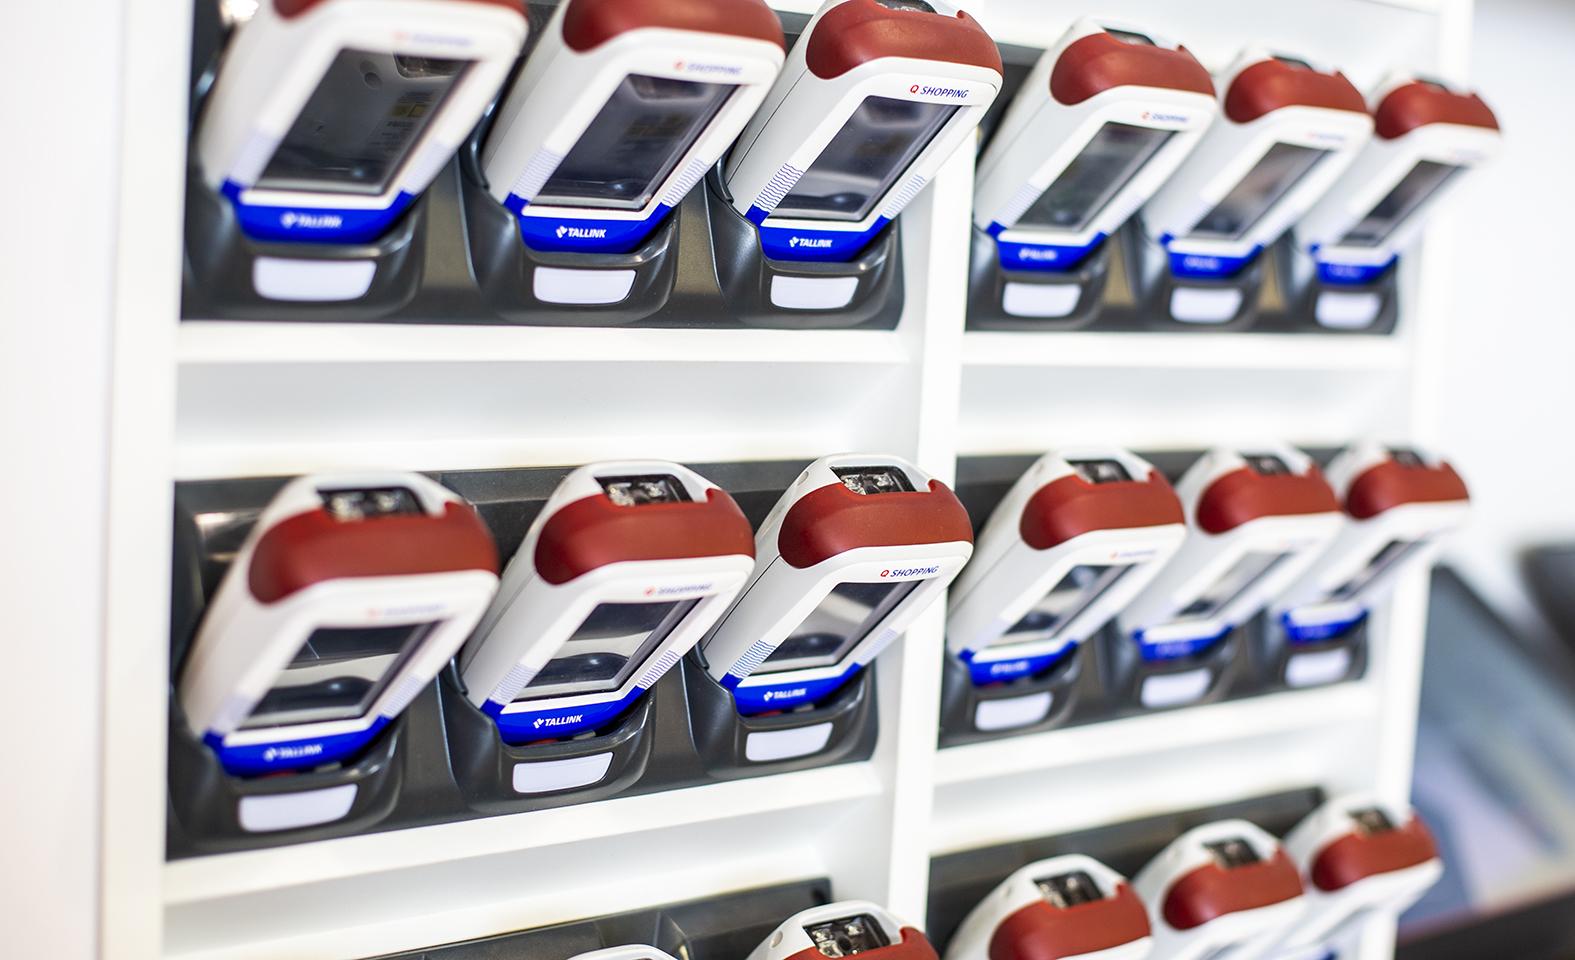 Tallinkin kaupoissa voi ostoksensa skannata itse lukulaitteella ja käyttää sen jälkeen itsepalvelukassaa.